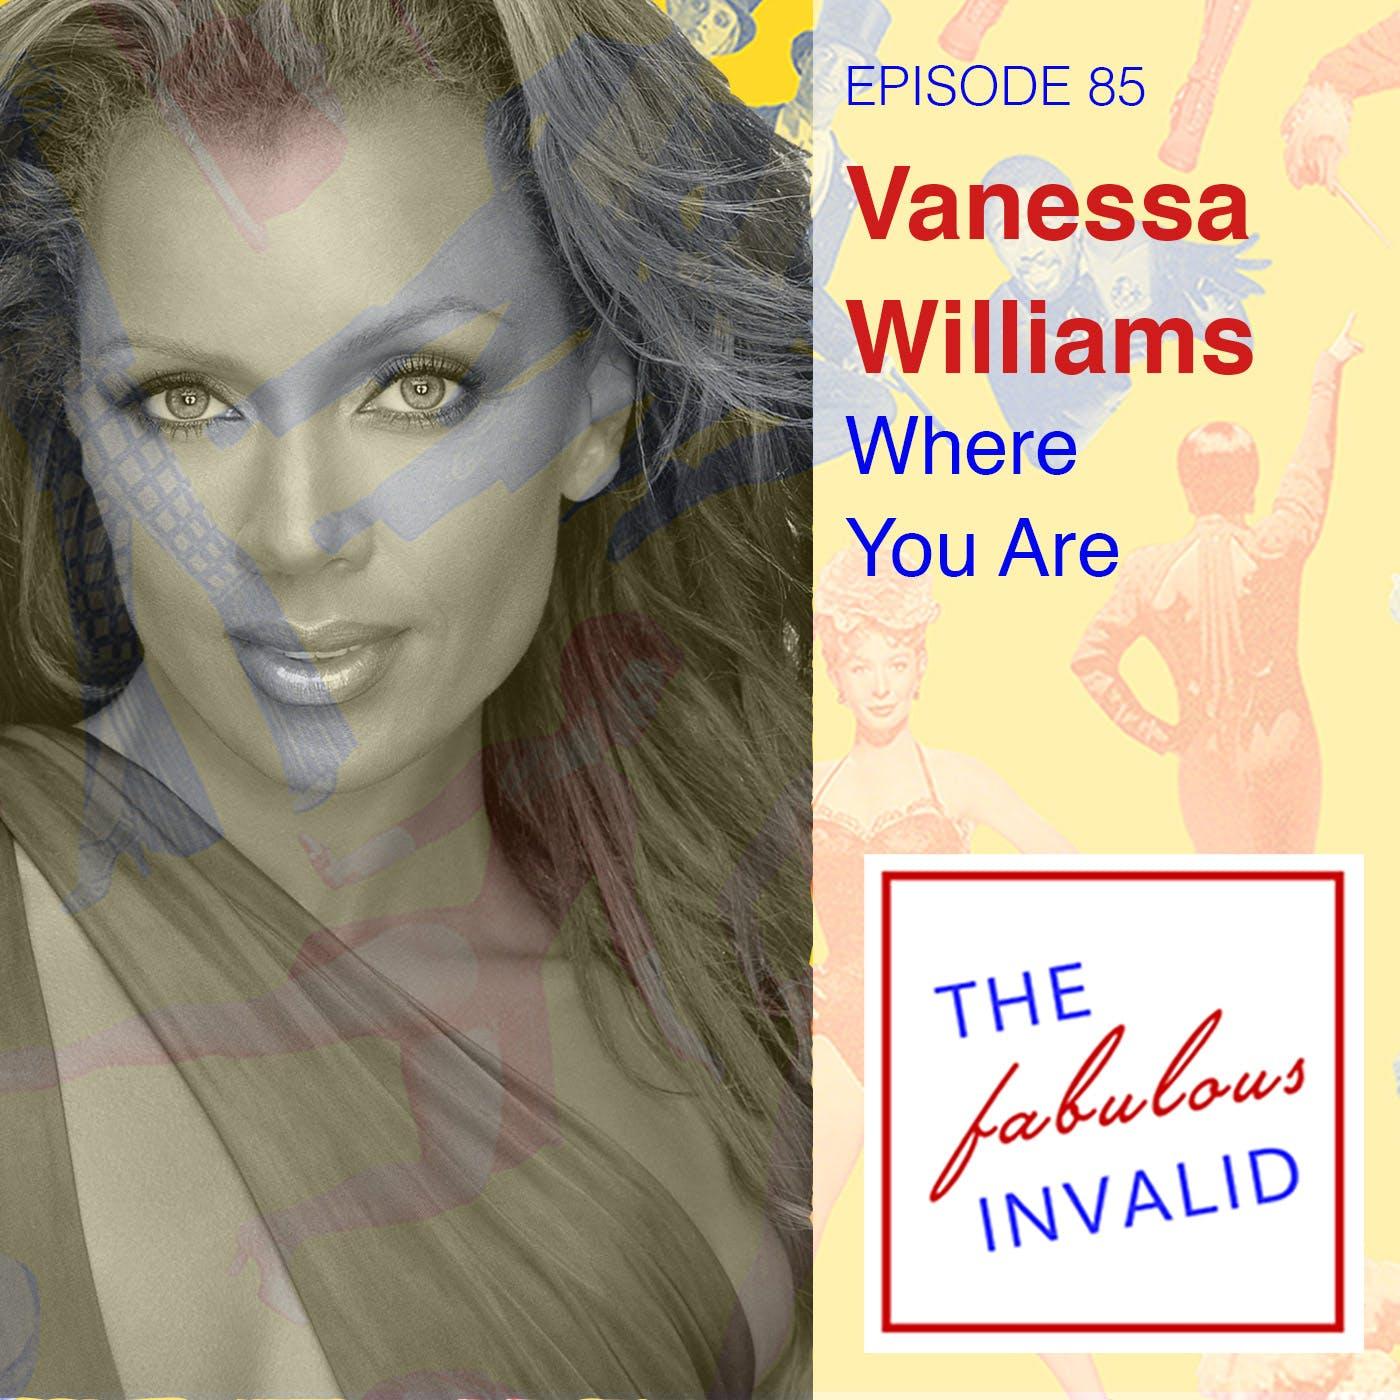 Episode 85: Vanessa Williams: Where You Are